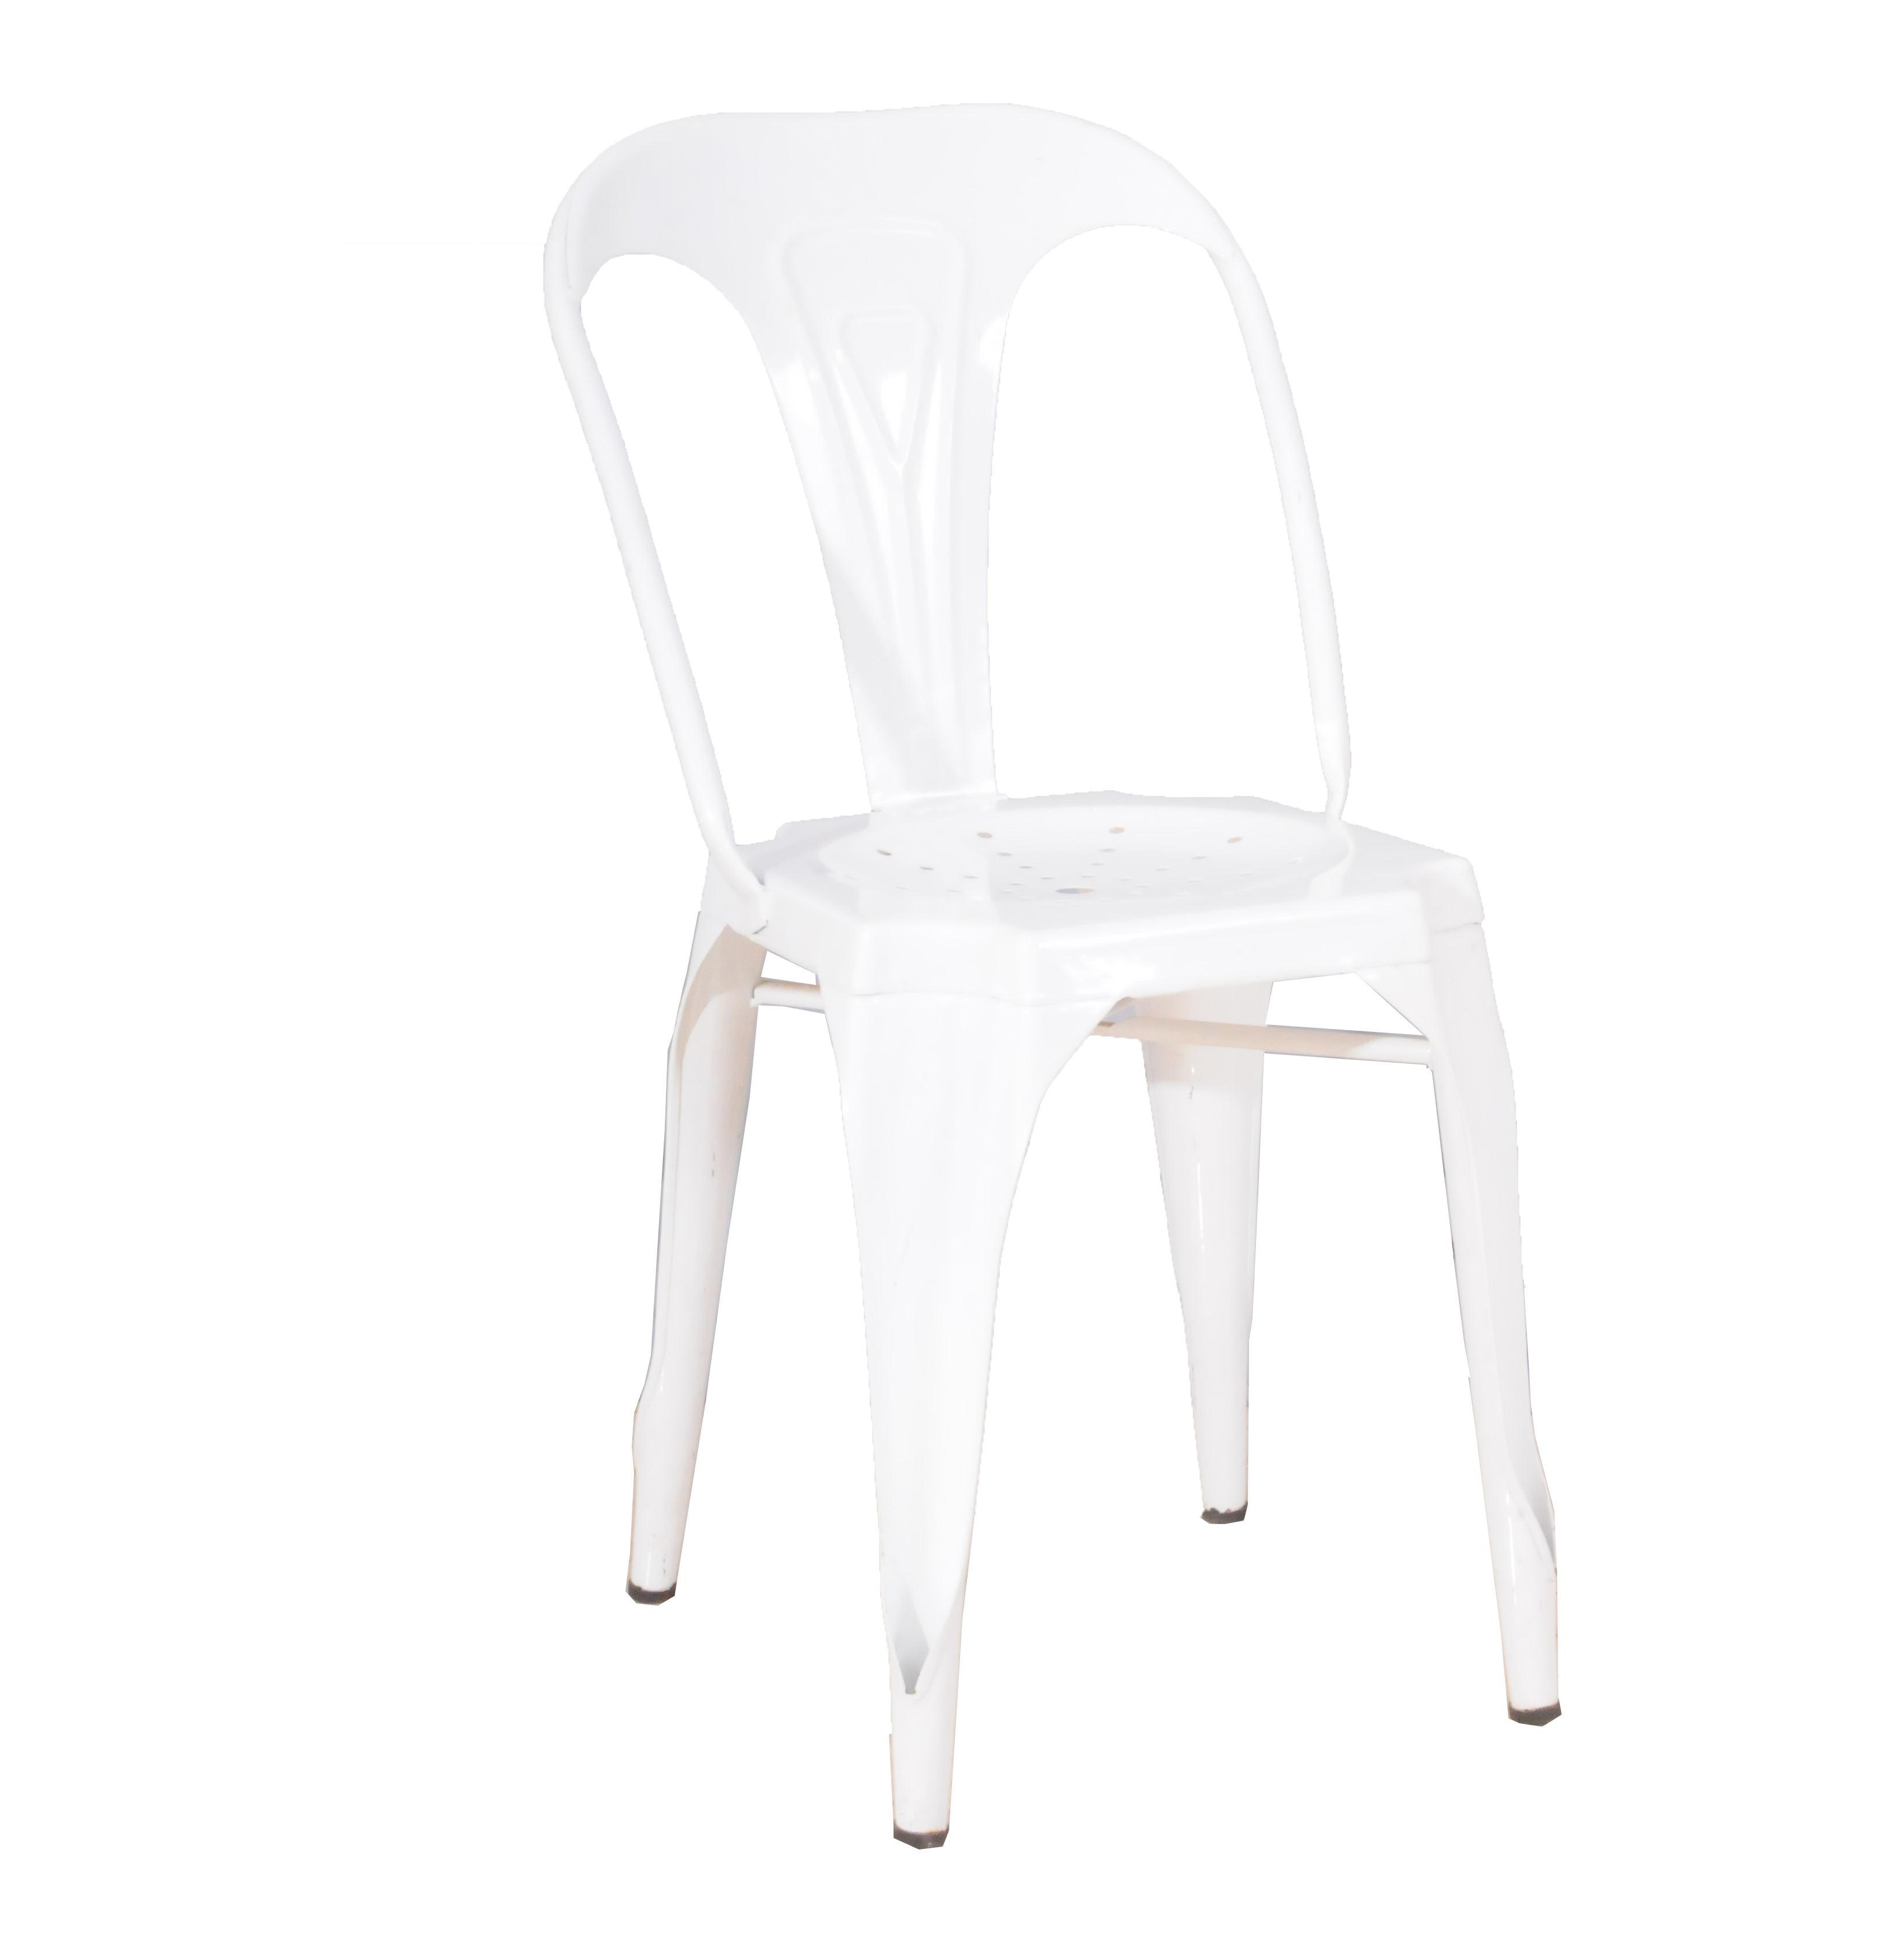 カフェmarais金属椅子スタッカブルポリと樹皮スタイルビストロダイニング側の椅子